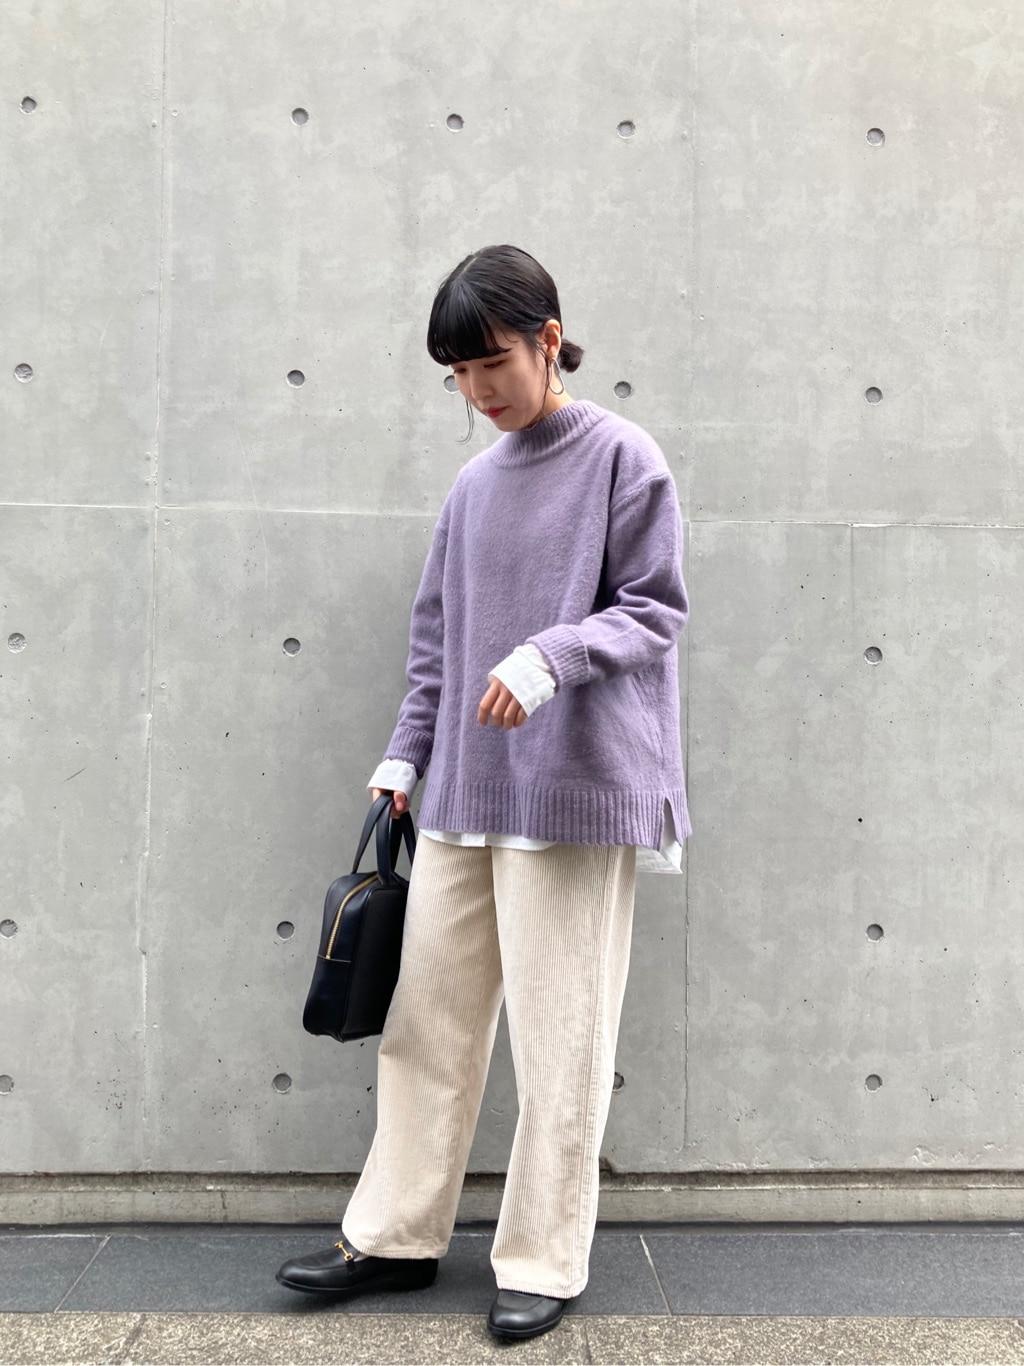 東京スカイツリータウン・ソラマチ 2020.11.25